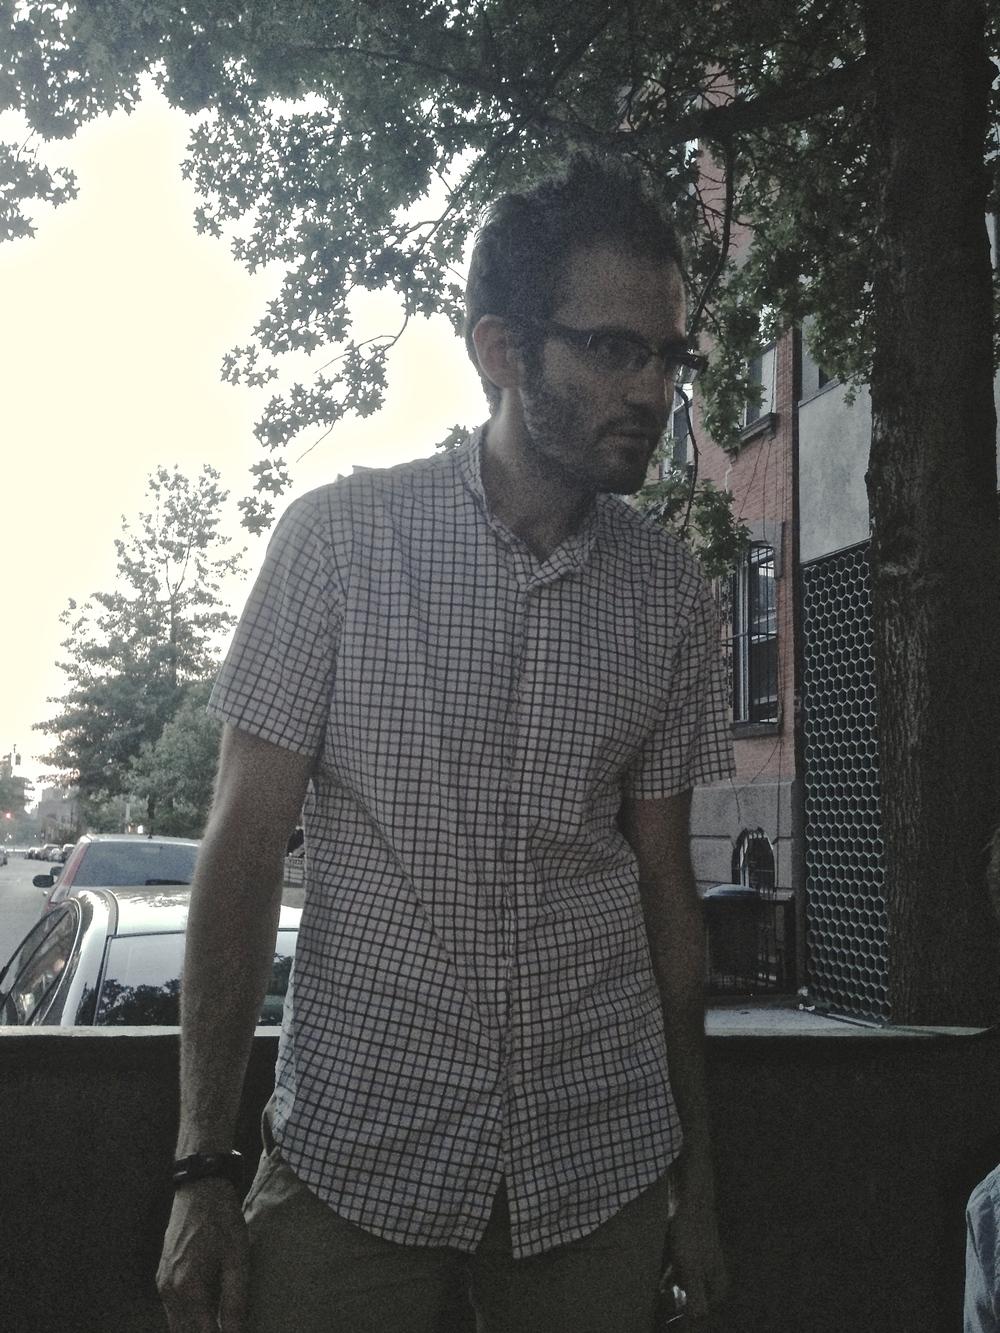 Josh Treuhaft - the Mastermind